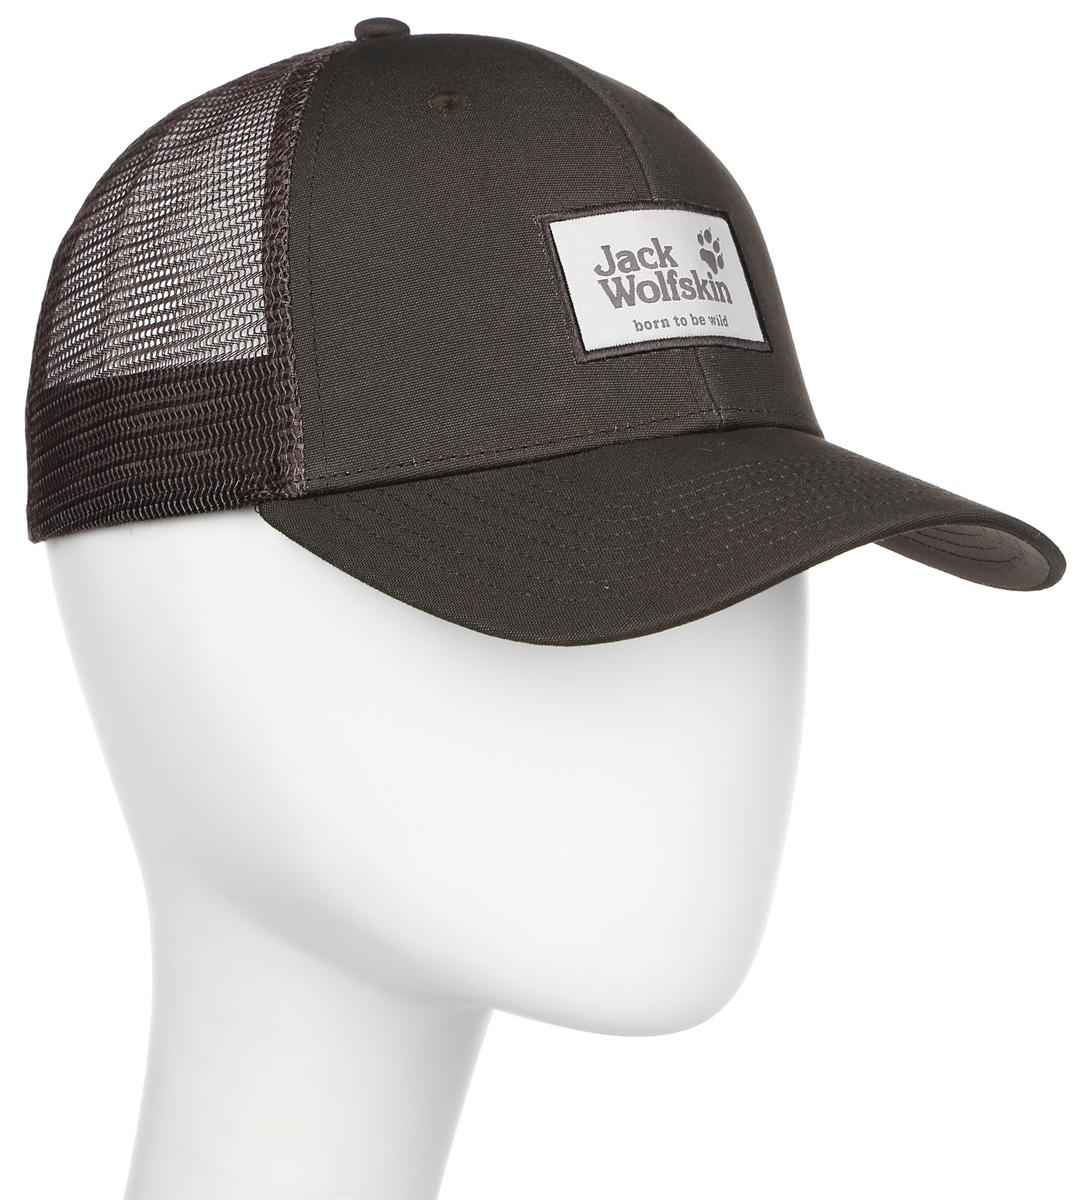 Бейсболка Jack Wolfskin Heritage Cap, цвет: коричневый. 1905621-7010. Размер 56/611905621-7010Бейсболка Heritage Cap изготовлена из 100% натурального хлопка и дополнена сеткой из полиэстера, которая обеспечивает вентиляцию и комфорт при носке. Модель идеальна для жаркой погоды. Бейсболка выполнена в однотонном дизайне и дополнена нашивкой с логотипом бренда.